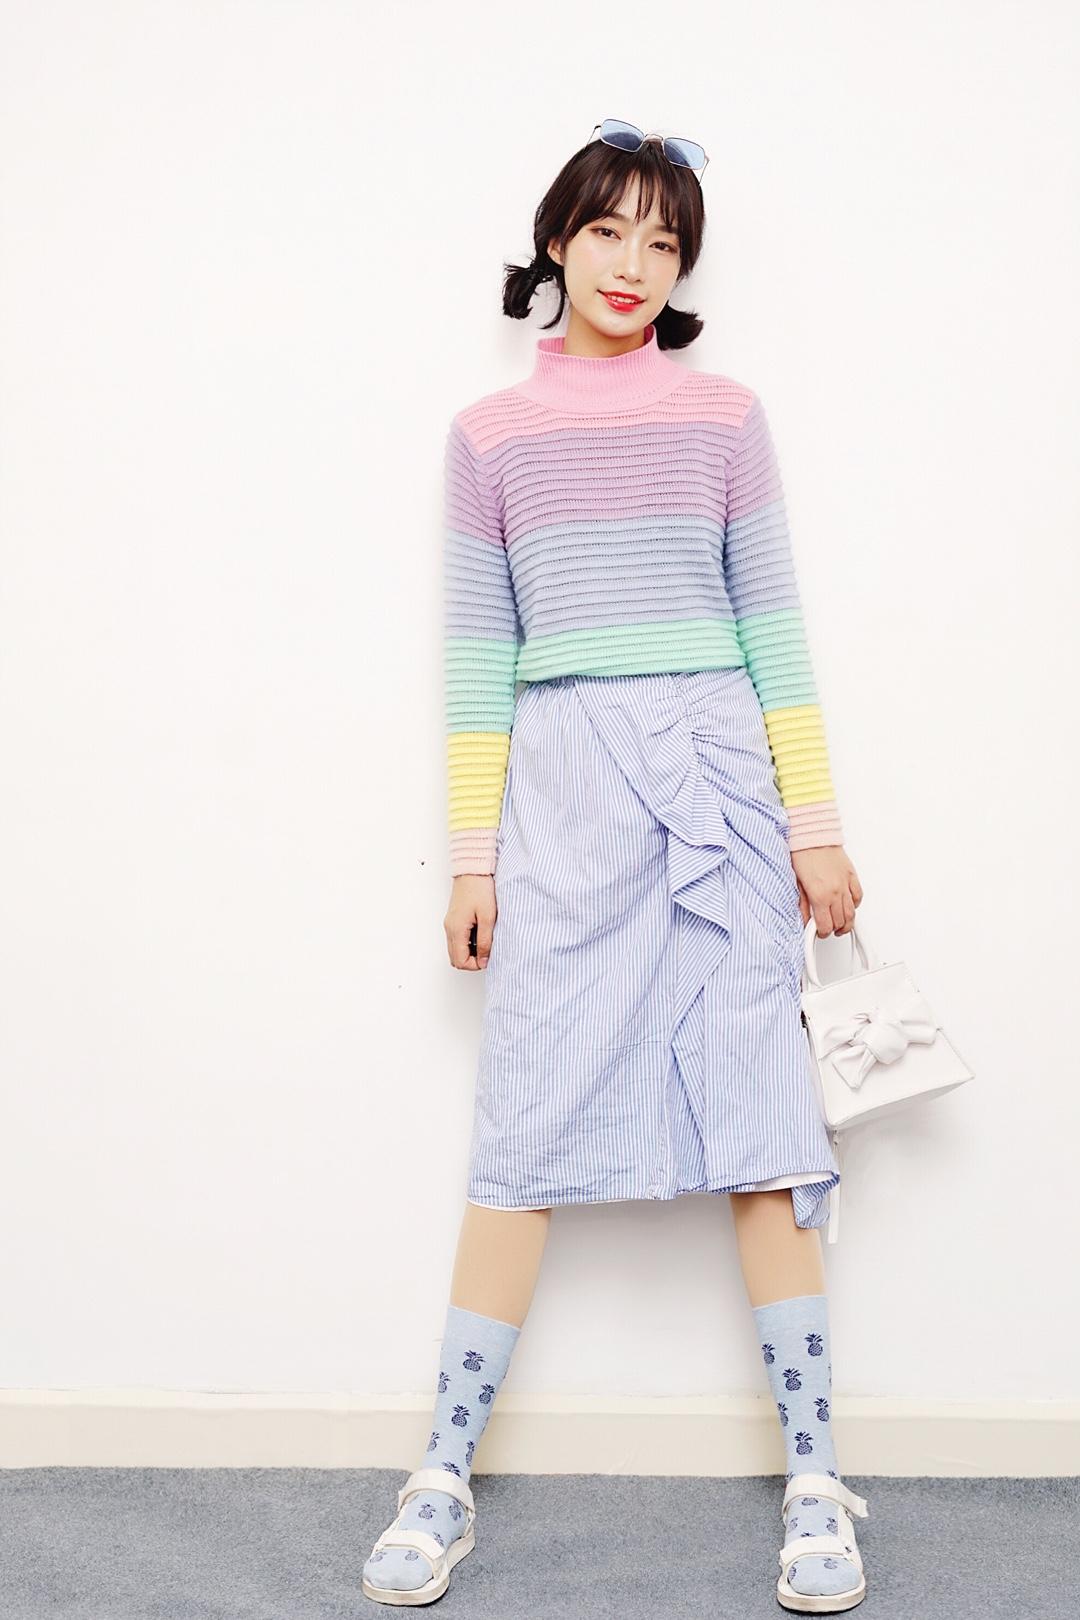 #马卡龙色开启霸屏模式!# Hi~姐妹们我又来啦,今天给大家继续推荐一套我很喜欢的马卡龙色的穿搭,上衣我选择的是今年春夏潮流元素之一的彩虹针织衫,第一次穿这么多种颜色的衣服,意外的感觉不错,我用了蓝色条纹不规则裙和蓝色的袜子来呼应针织衫上的绿色,整体呈现非常少女,穿腻了黑白灰想趁着春天玩色一把的姐妹们可以试试哦,会给你惊喜的~ Ps:凉鞋配袜子不一定土哦,很多潮人都喜欢用teva这款鞋子搭配比较有趣的袜子,会很出彩,意外时髦⊙∀⊙!